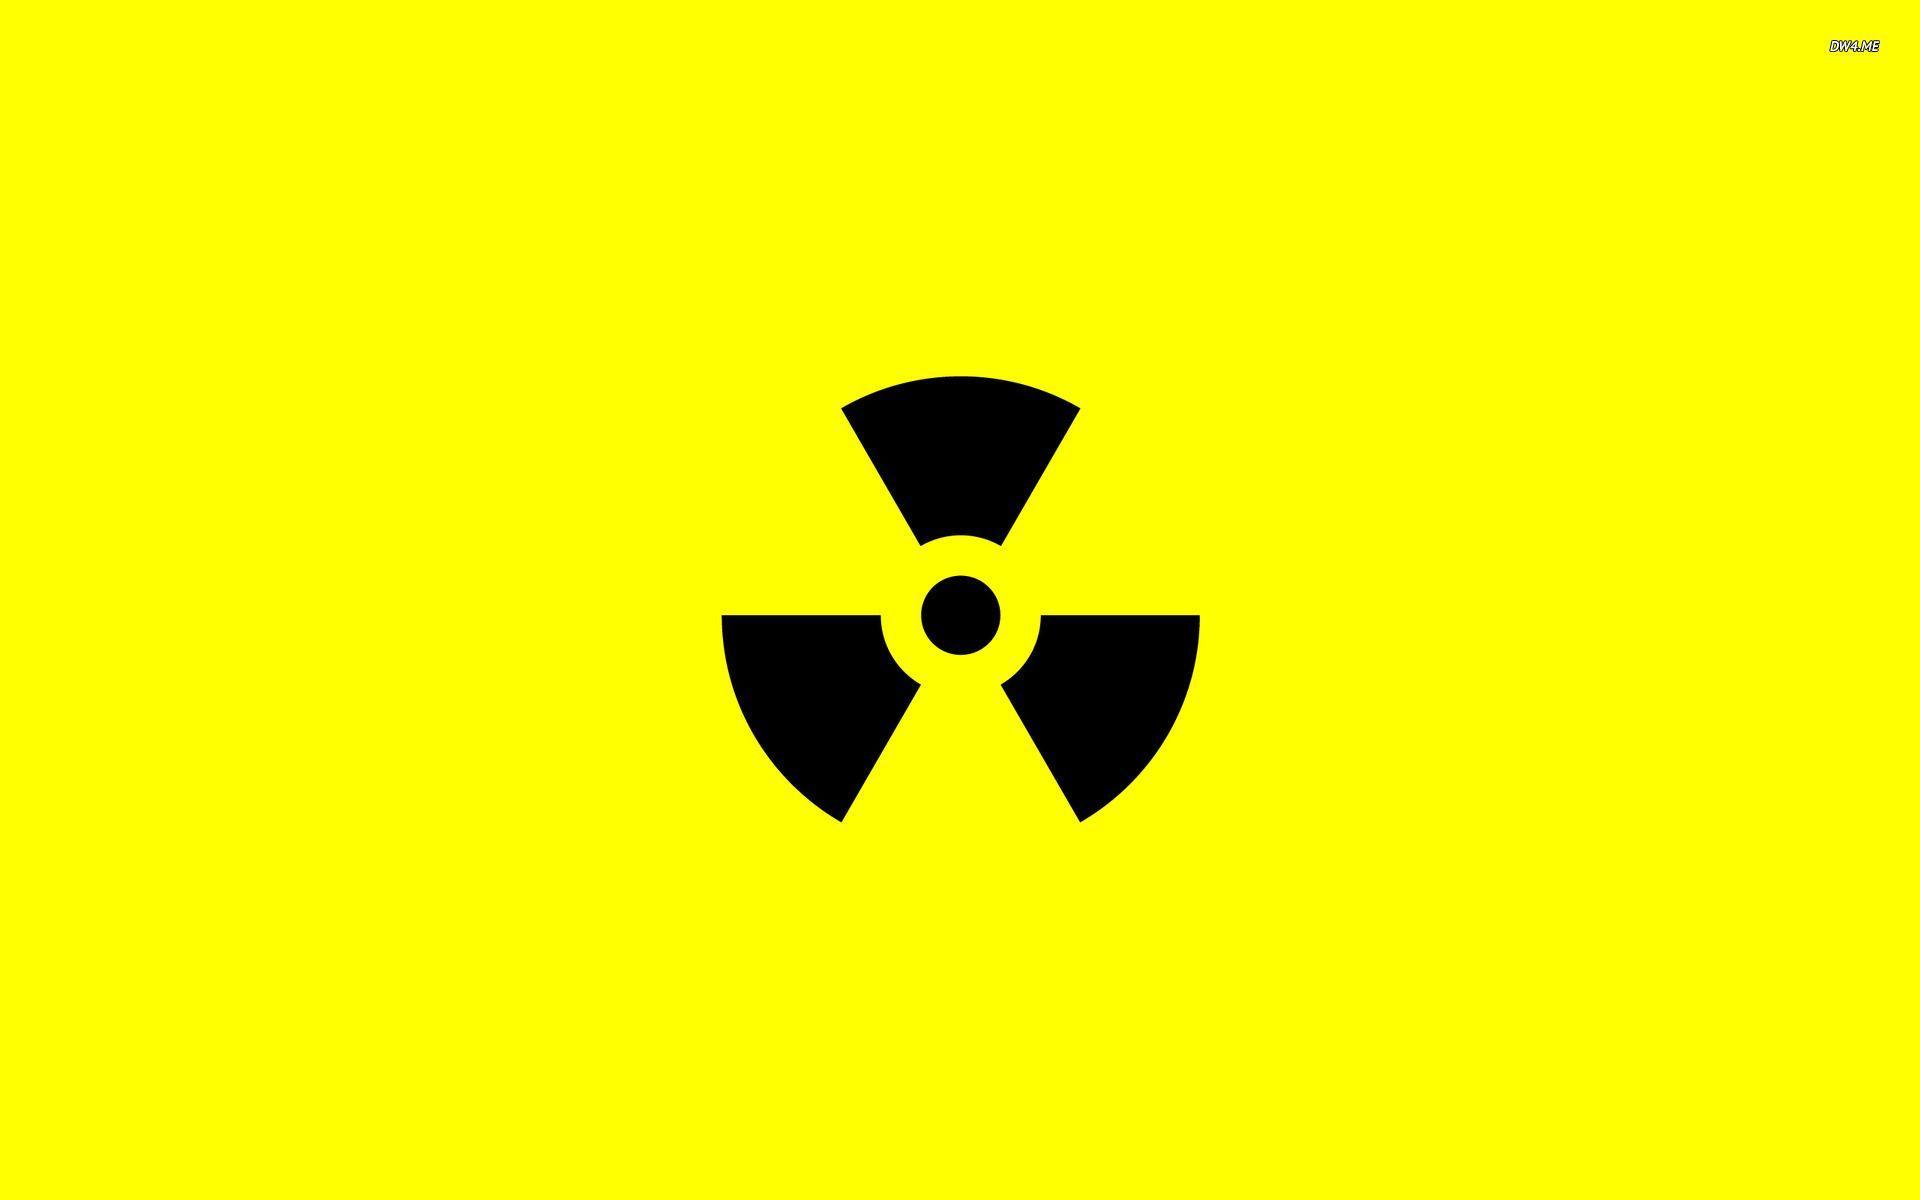 radioactive symbol wallpaper wwwimgkidcom the image